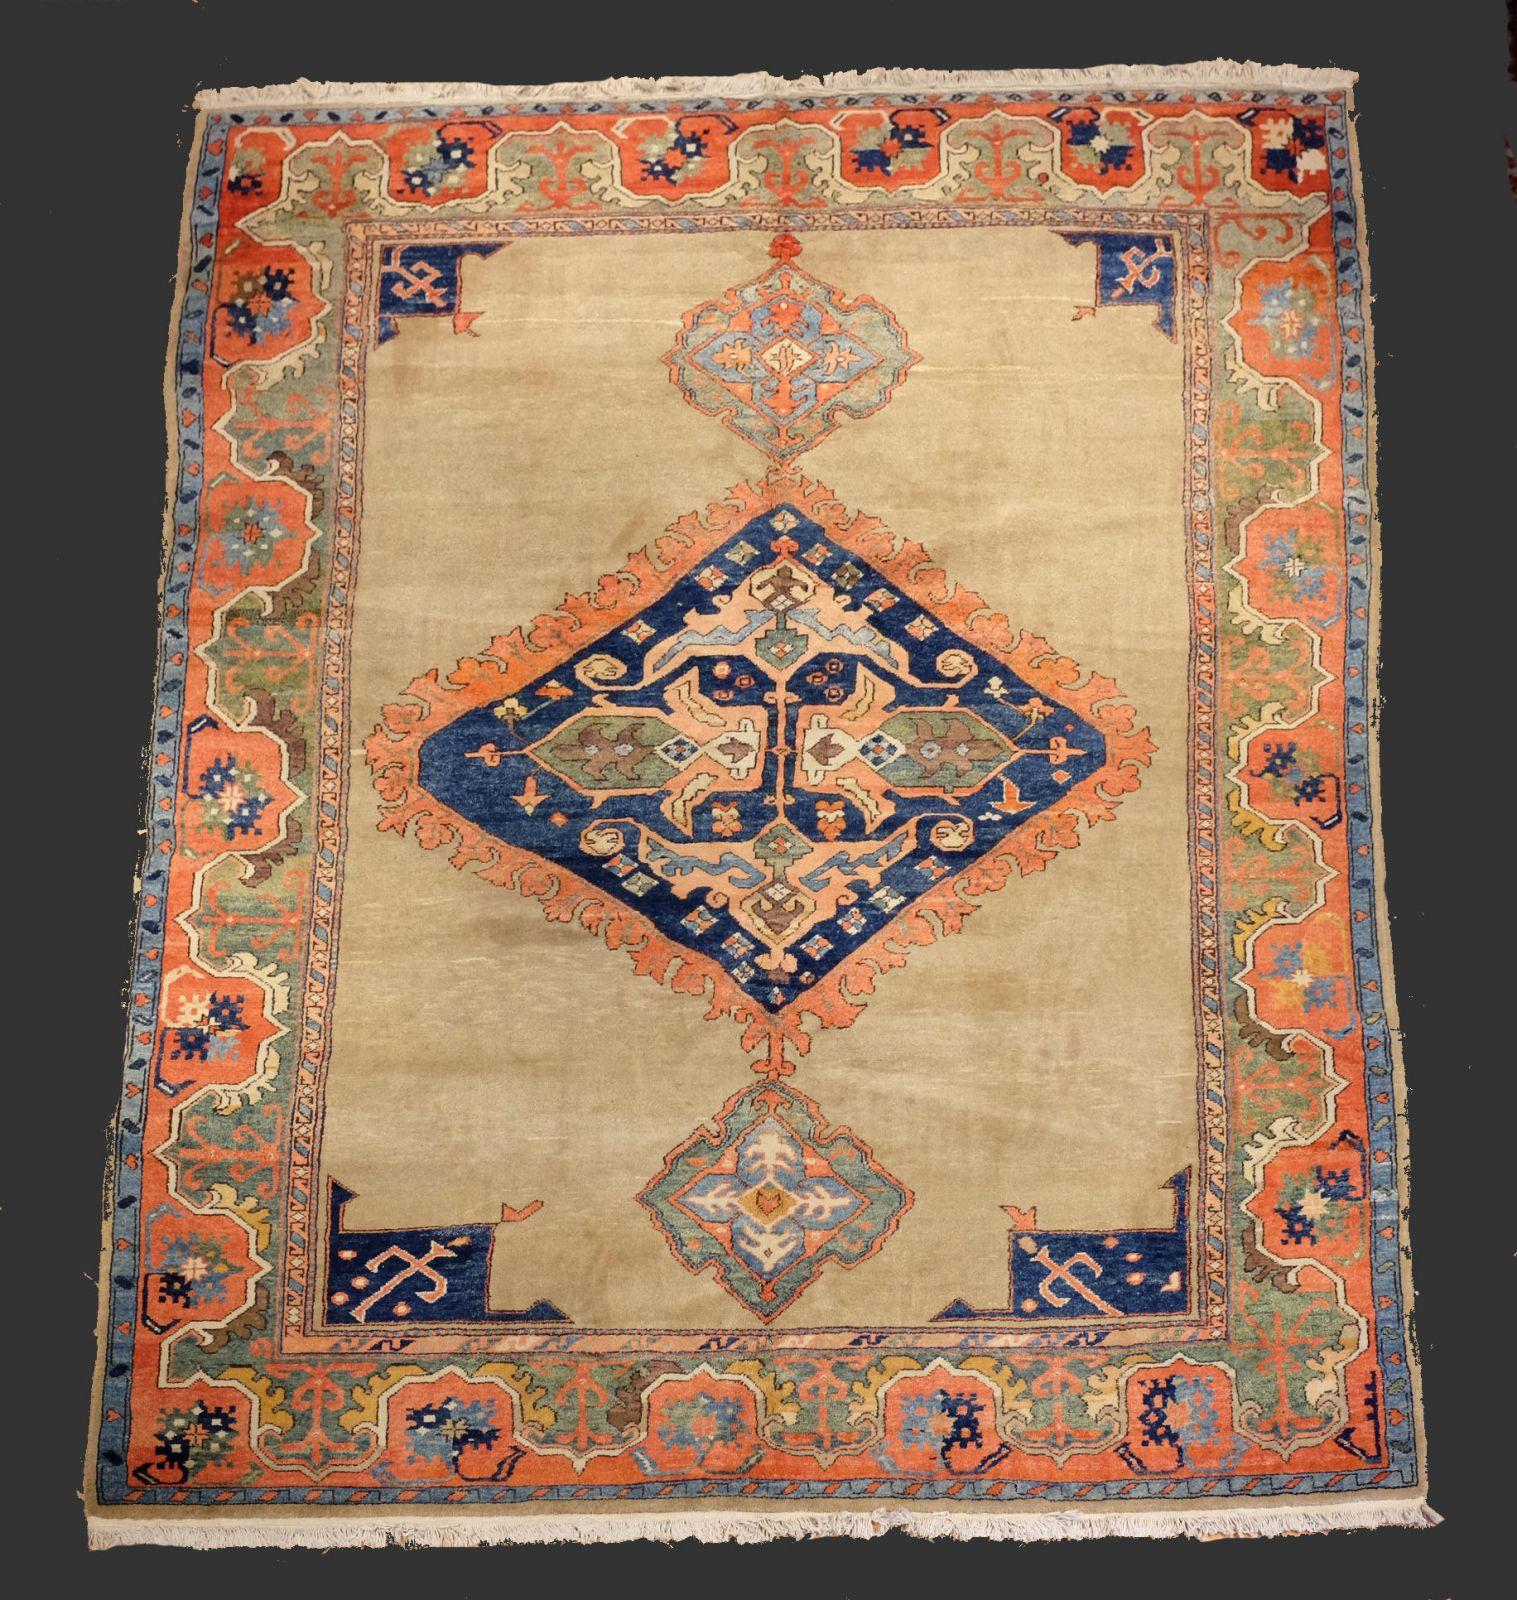 tapis azerie turquie les couleurs brillantes surprirent beaucoup de gens habitu s aux teintes. Black Bedroom Furniture Sets. Home Design Ideas